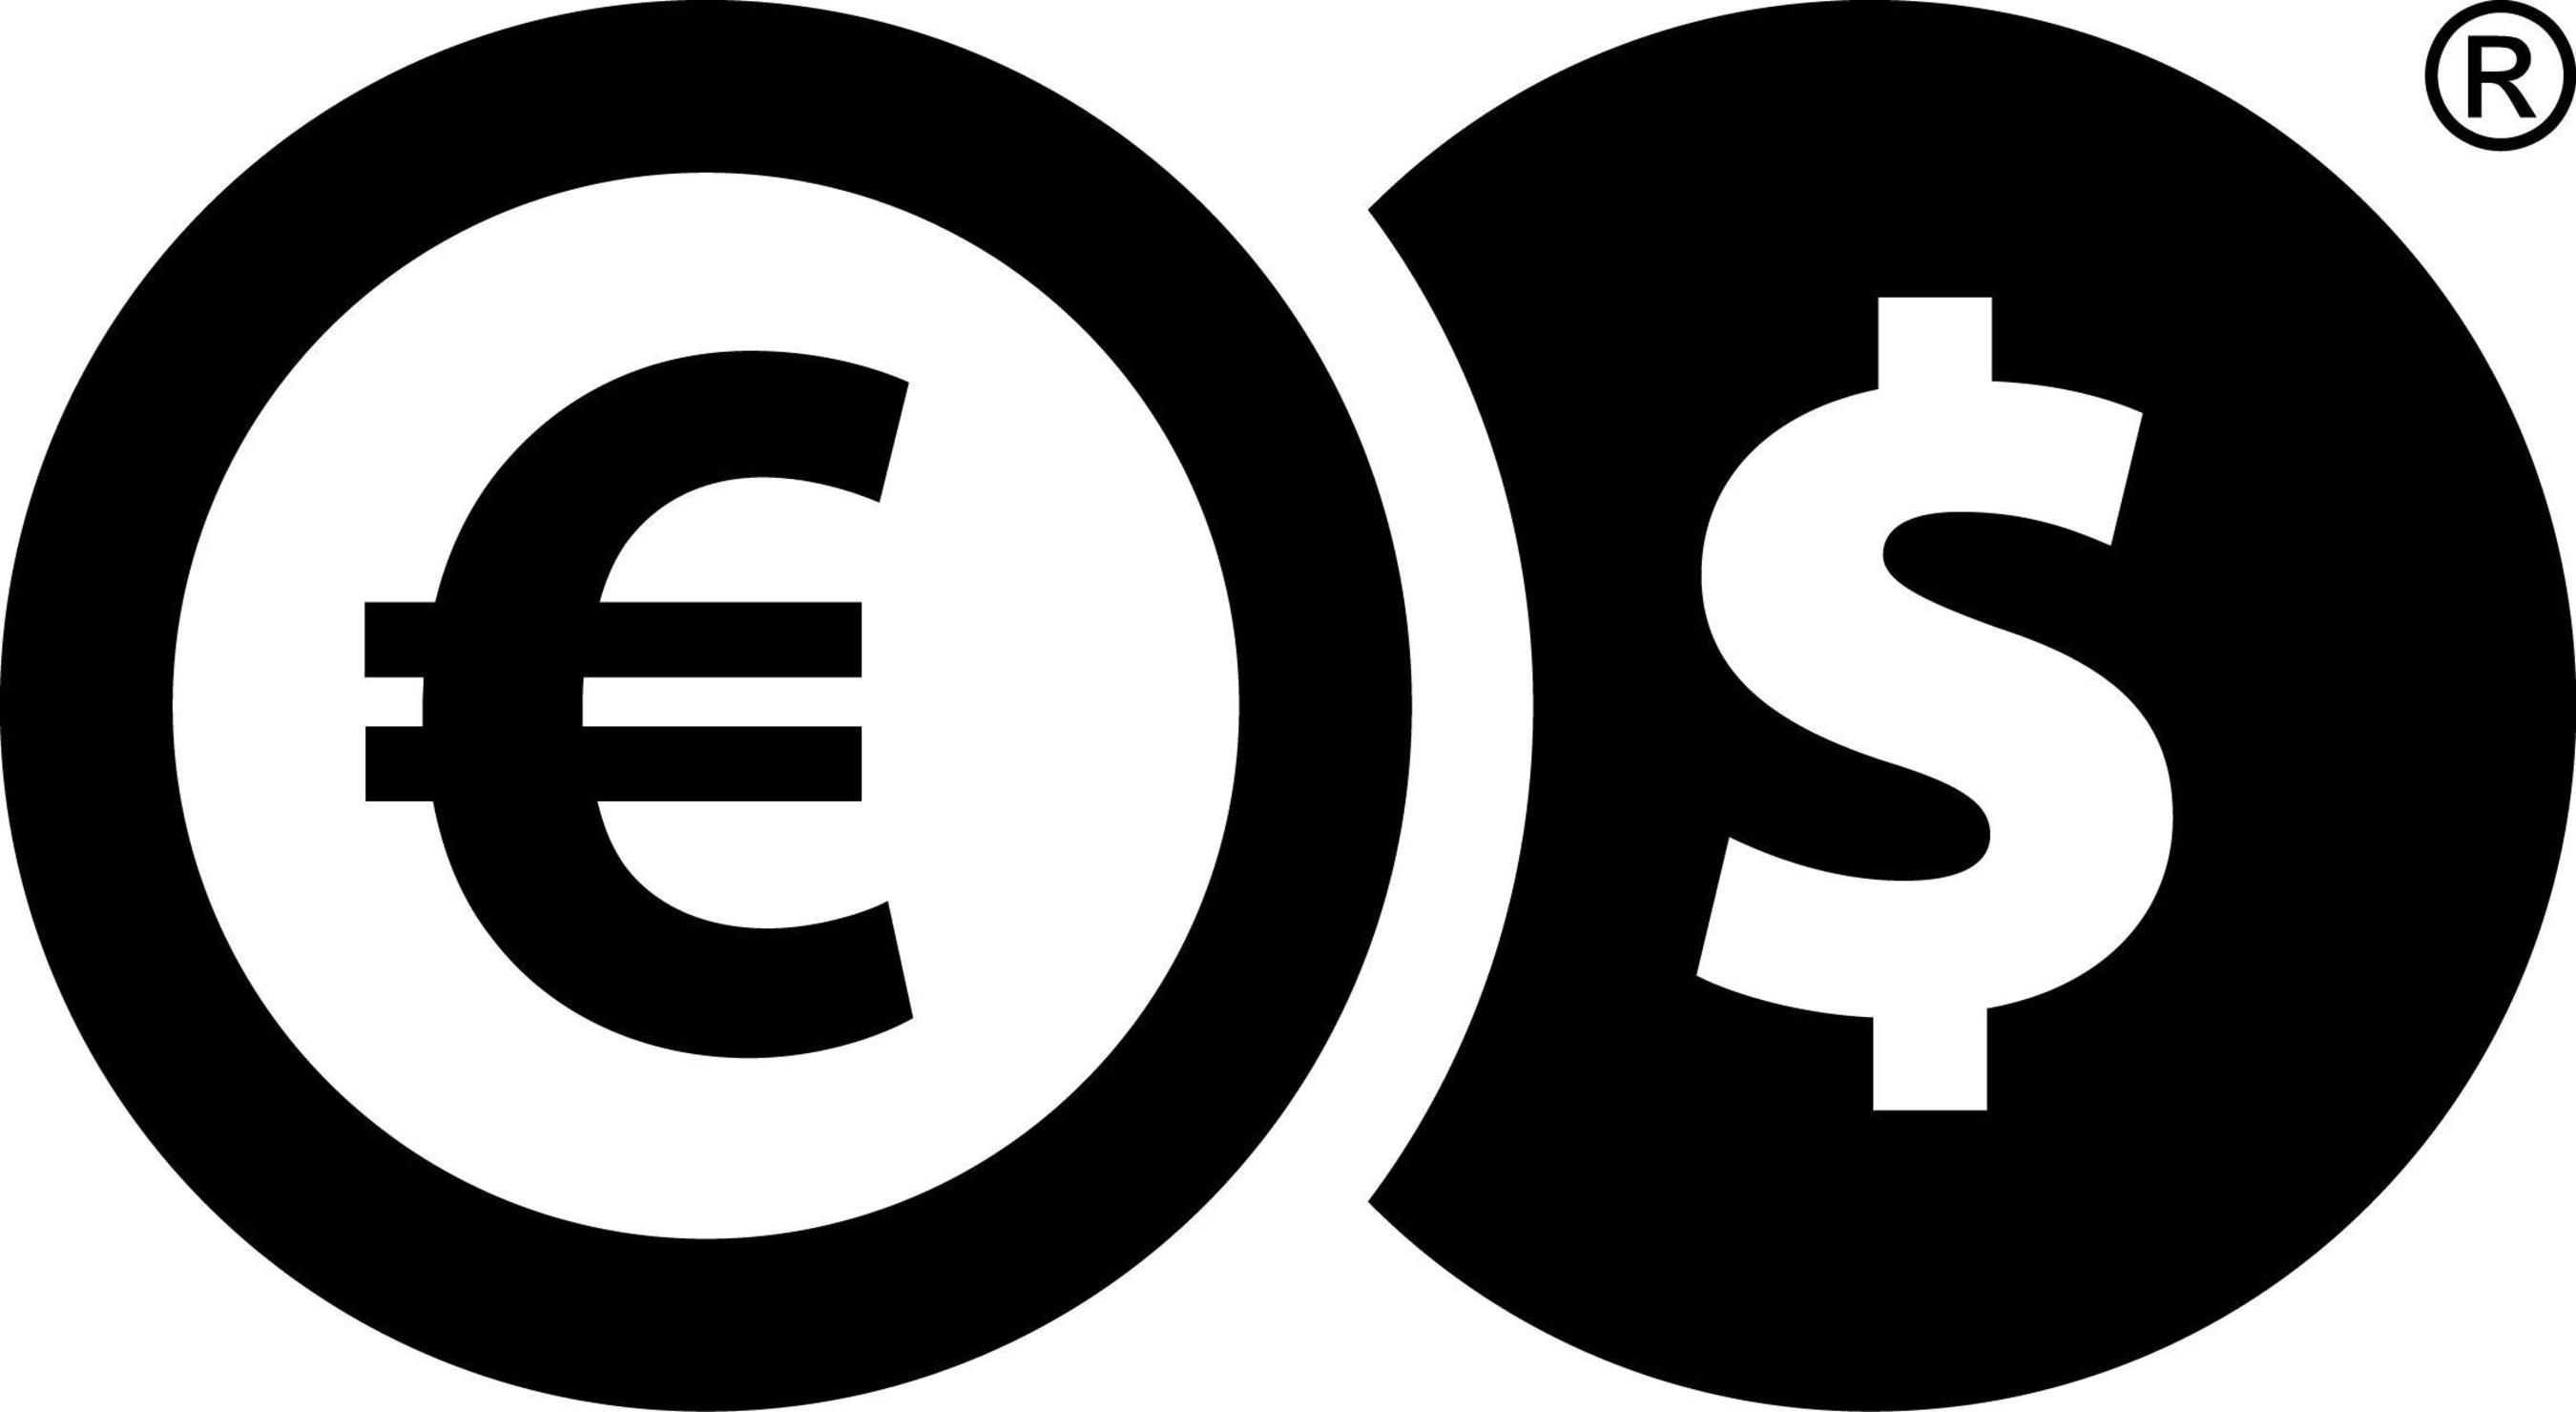 Cinkciarz.pl logo (PRNewsFoto/Cinkciarz.pl)